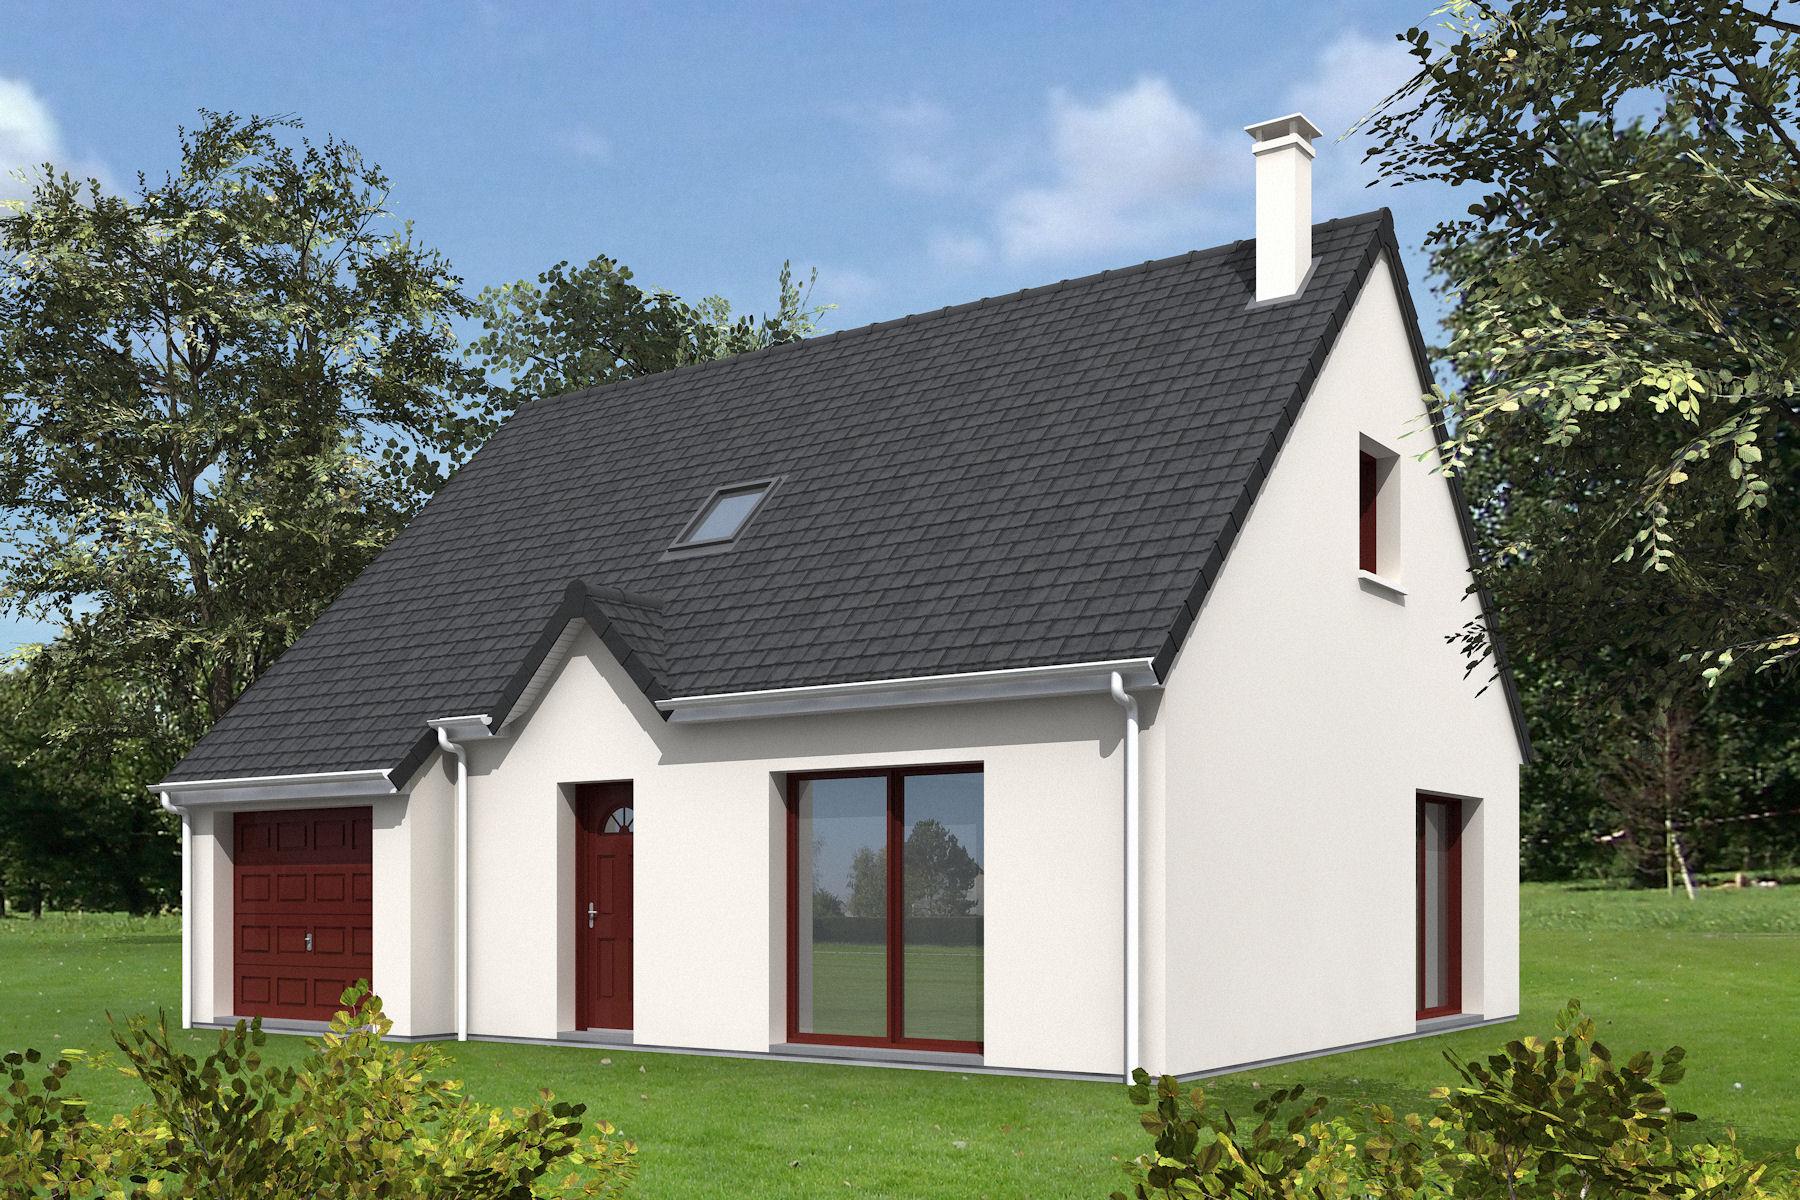 Maisons + Terrains du constructeur LETELLIER • 110 m² • AUTHEUIL AUTHOUILLET